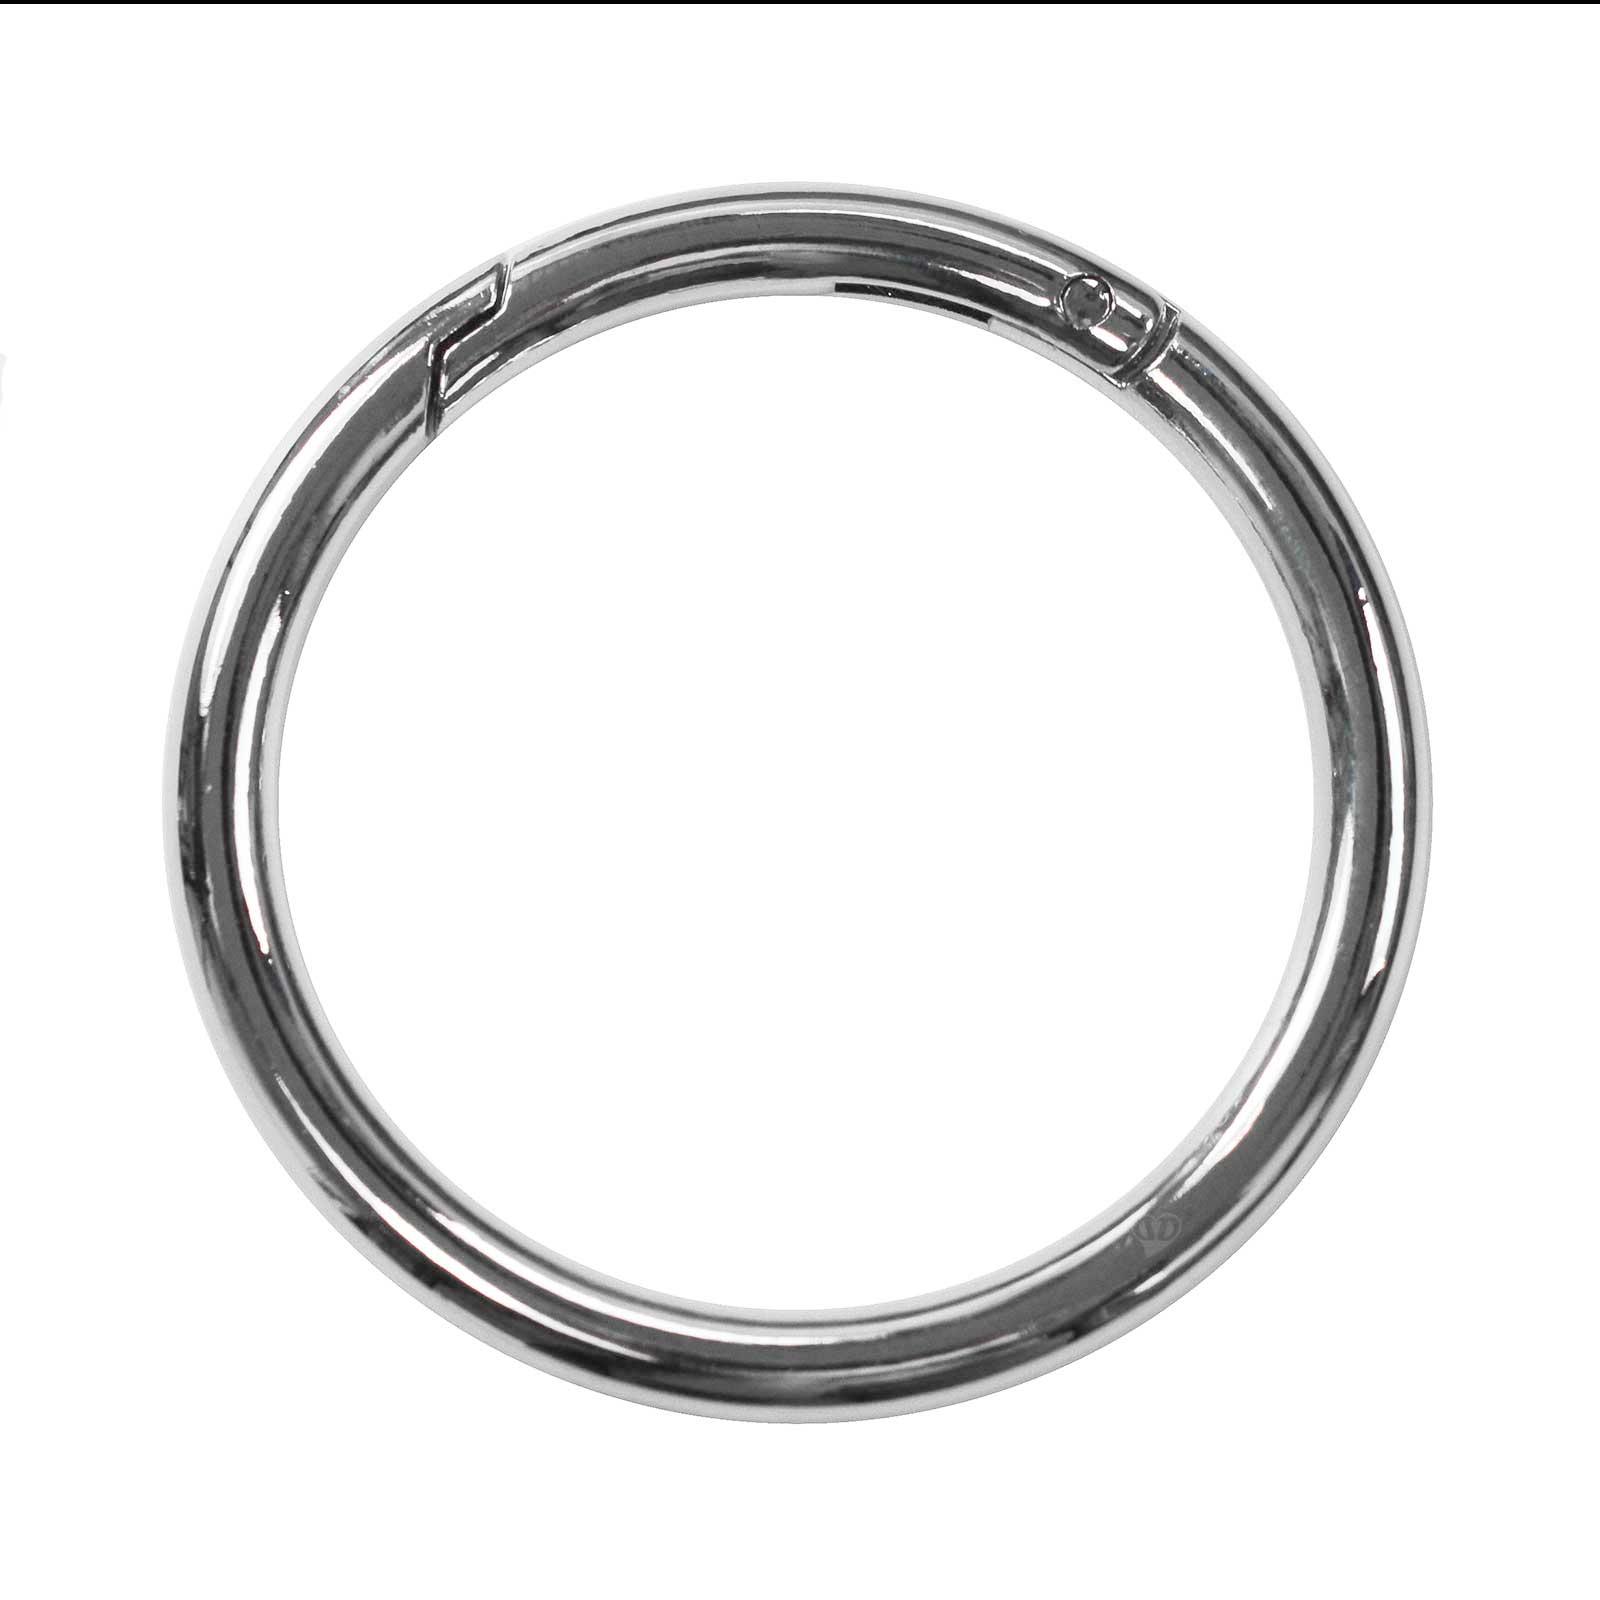 3 Ring-Karabiner Metall Karabinerhaken Schlüssel Verschluss Outdoor Tasche, Farbwahl Größenwahl – Bild 19